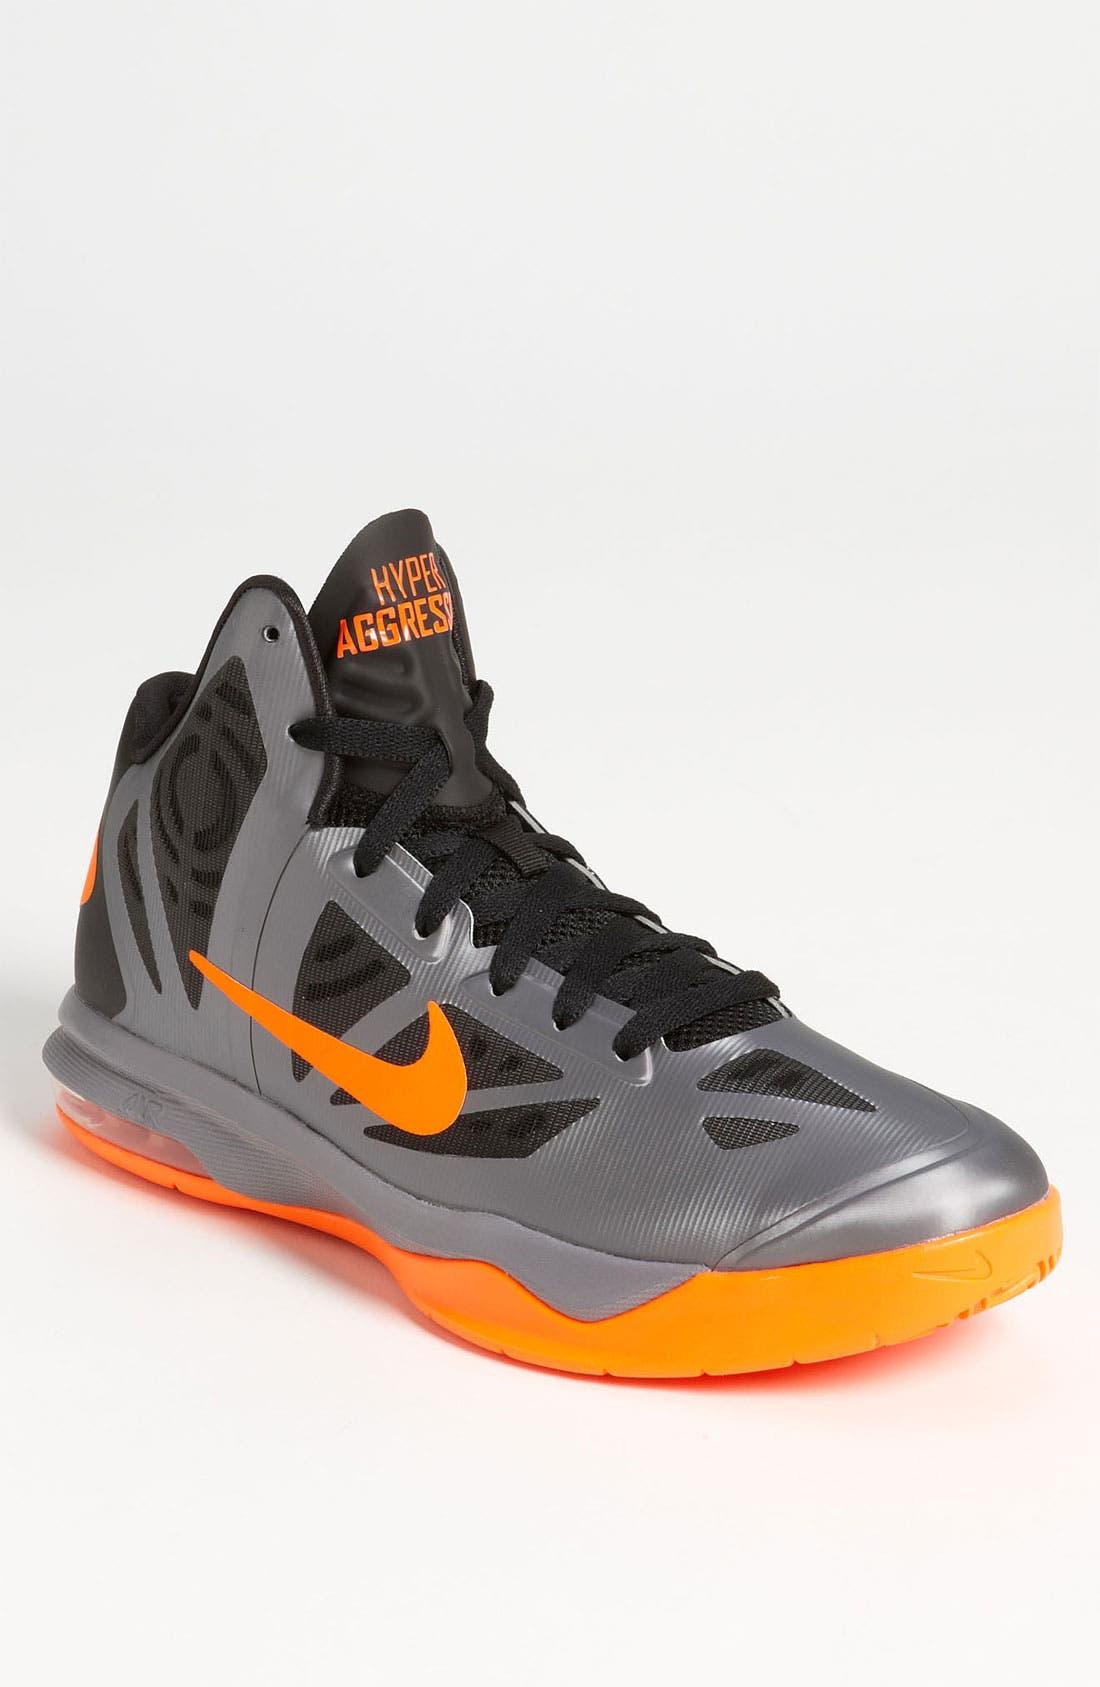 Alternate Image 1 Selected - Nike 'Air Max HyperAggressor' Basketball Shoe (Men)